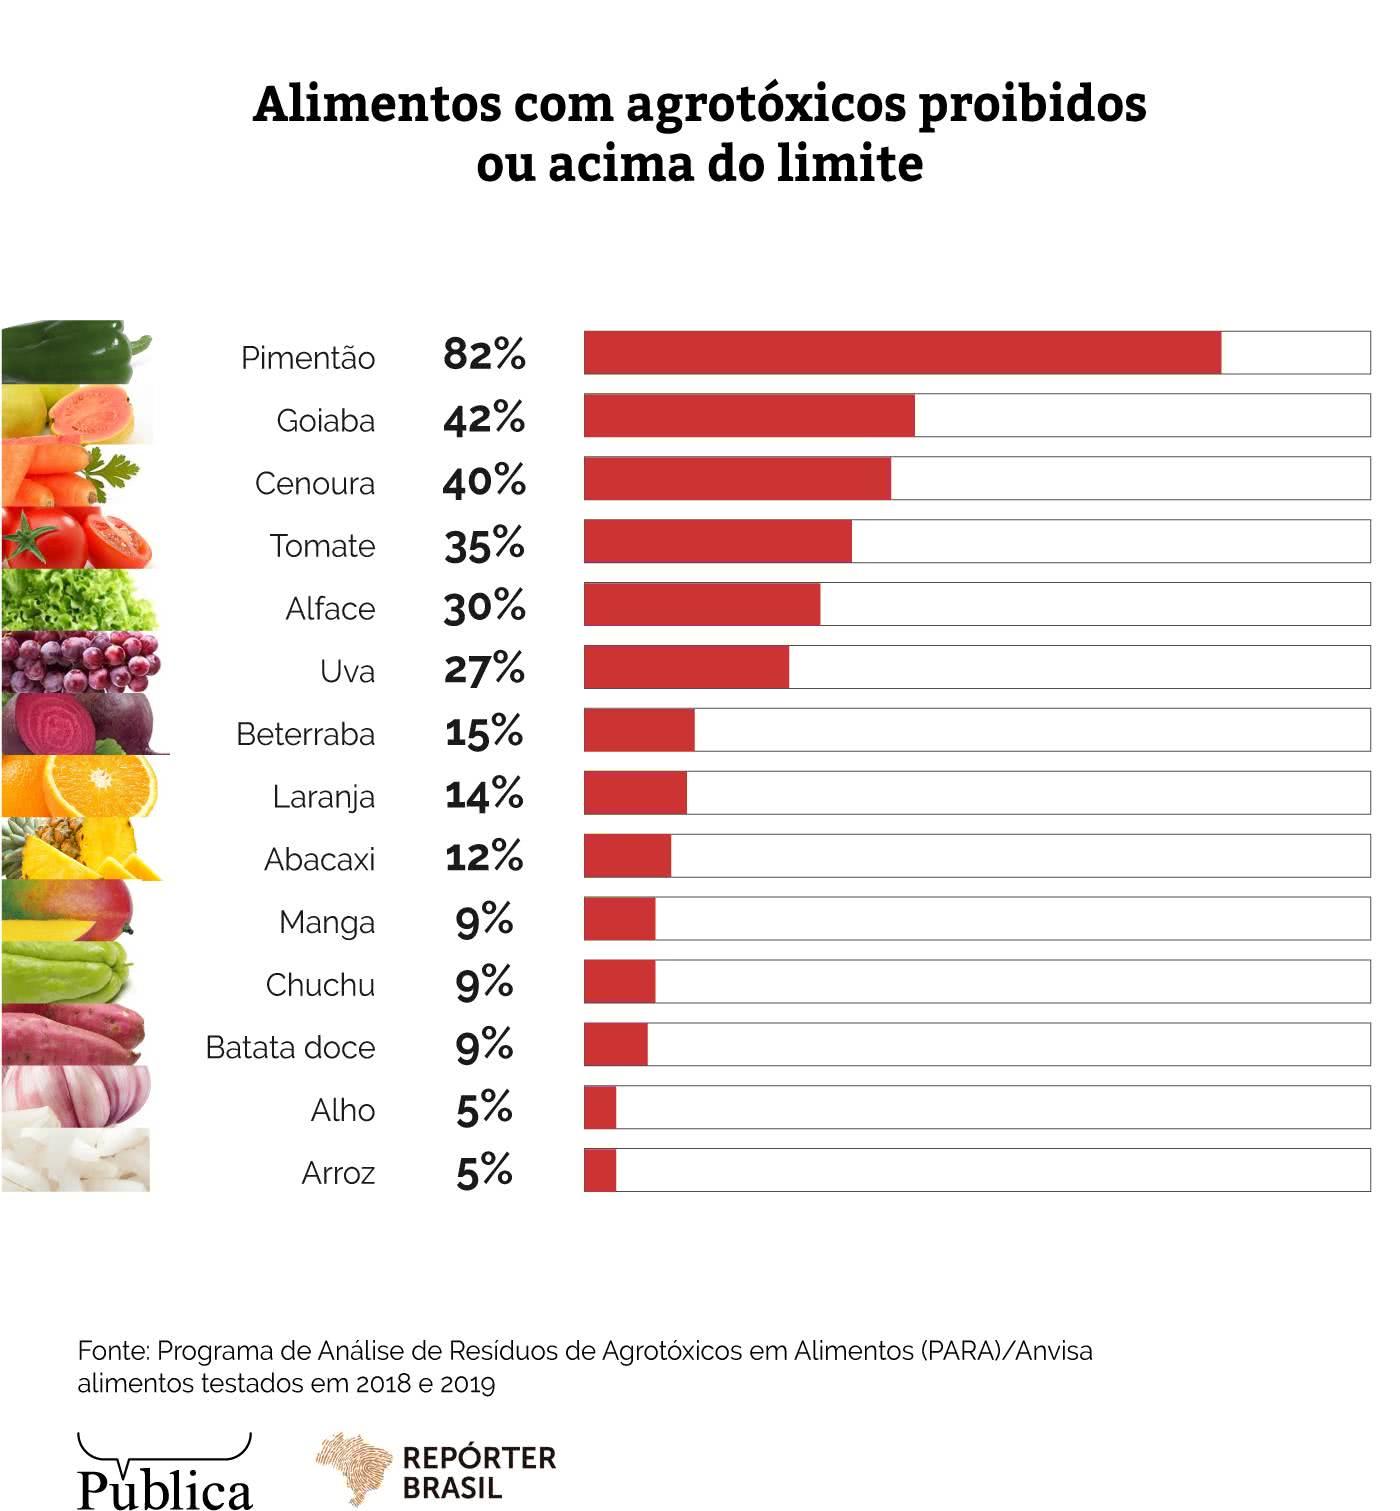 Alimentos com agrotóxicos proibidos ou acima do limite